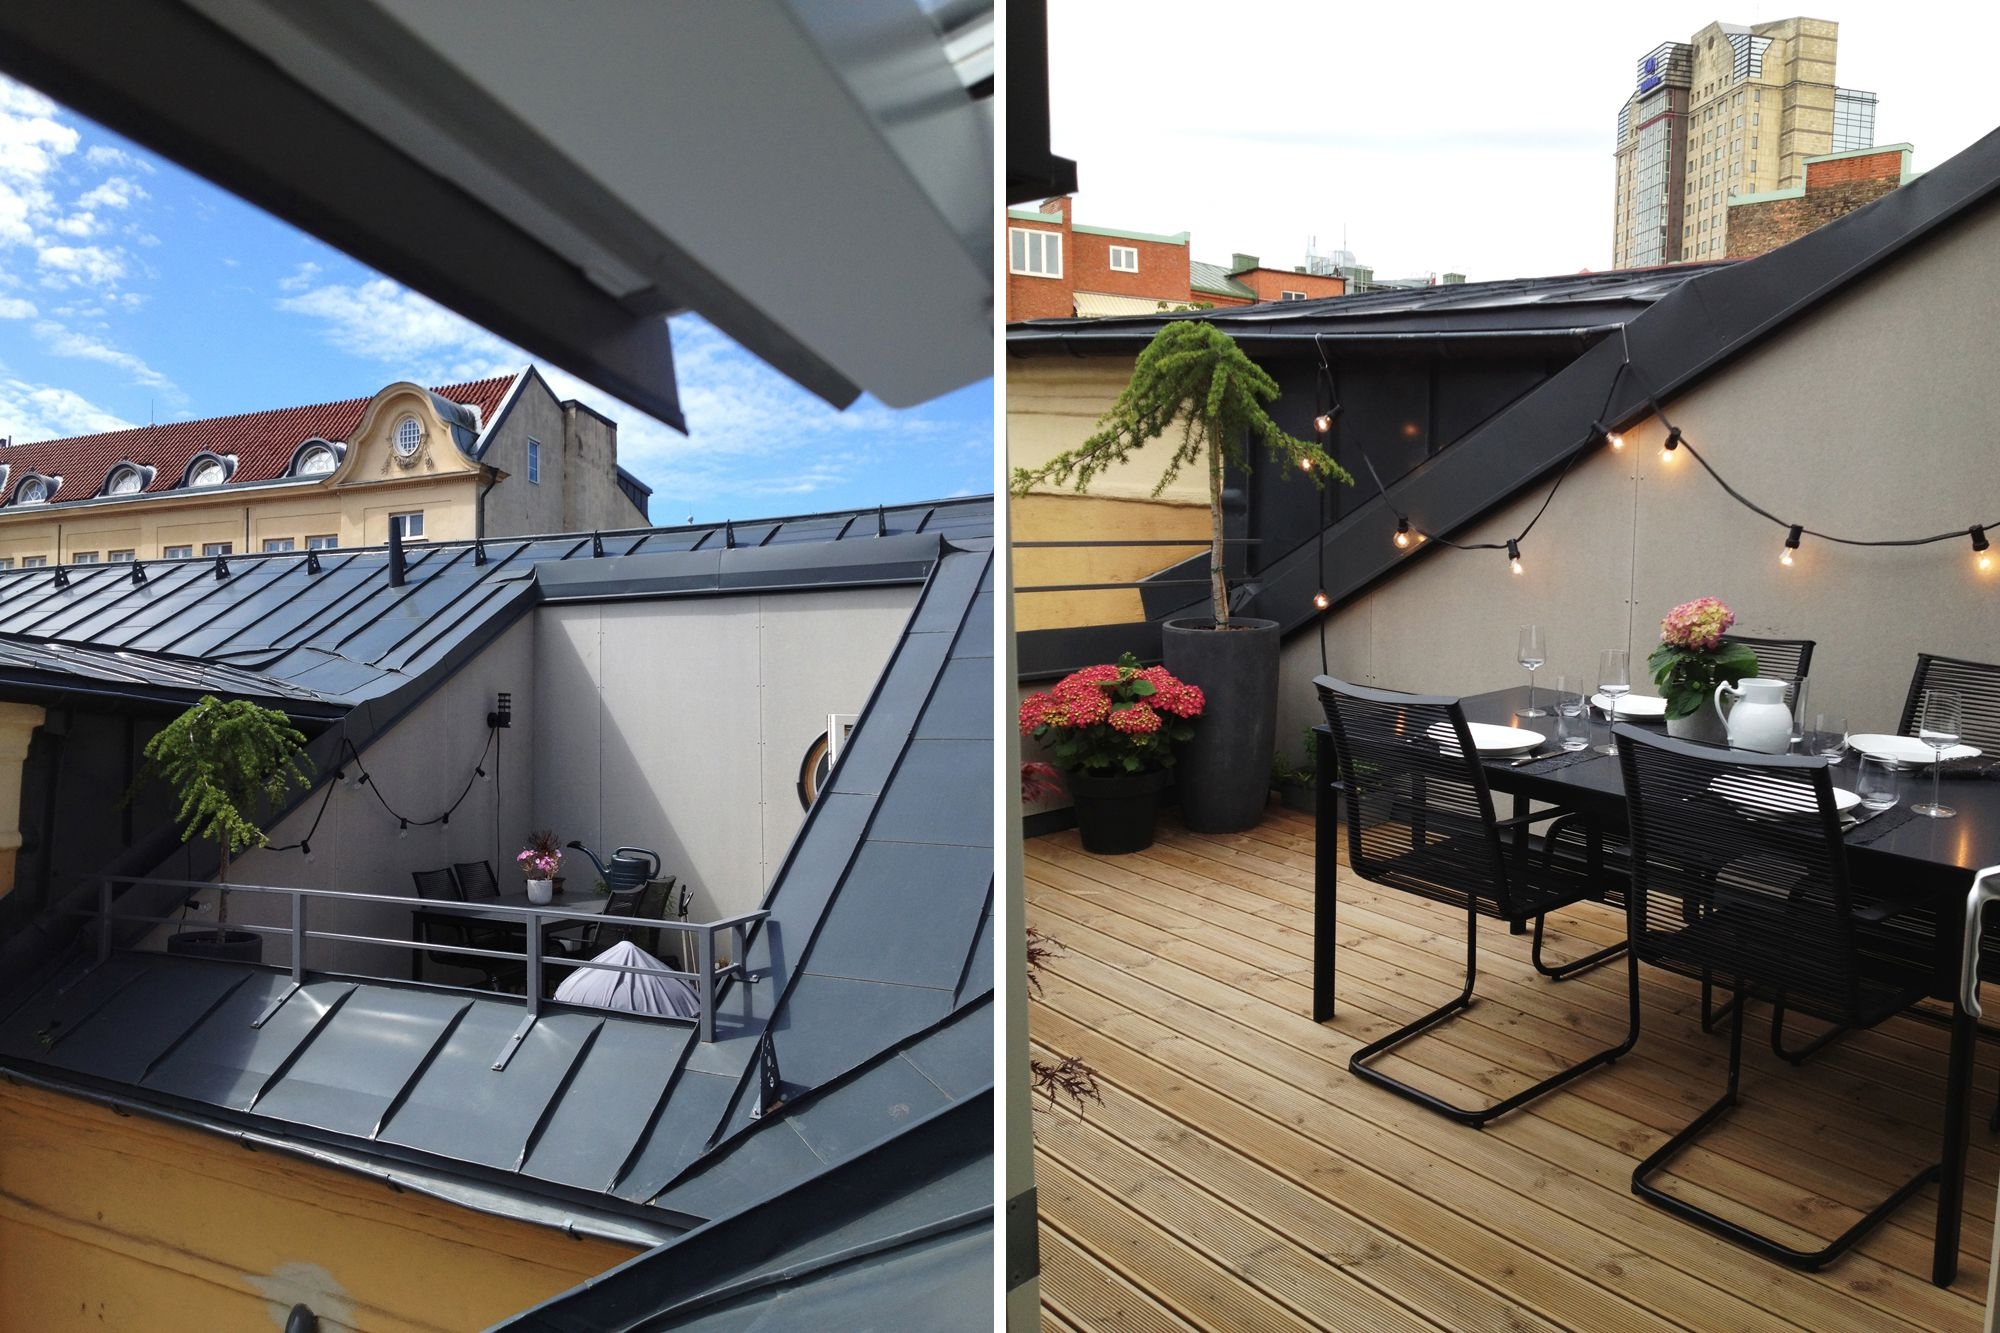 D plex con terraza blog tienda decoraci n estilo n rdico - Decoracion de terrazas cerradas ...